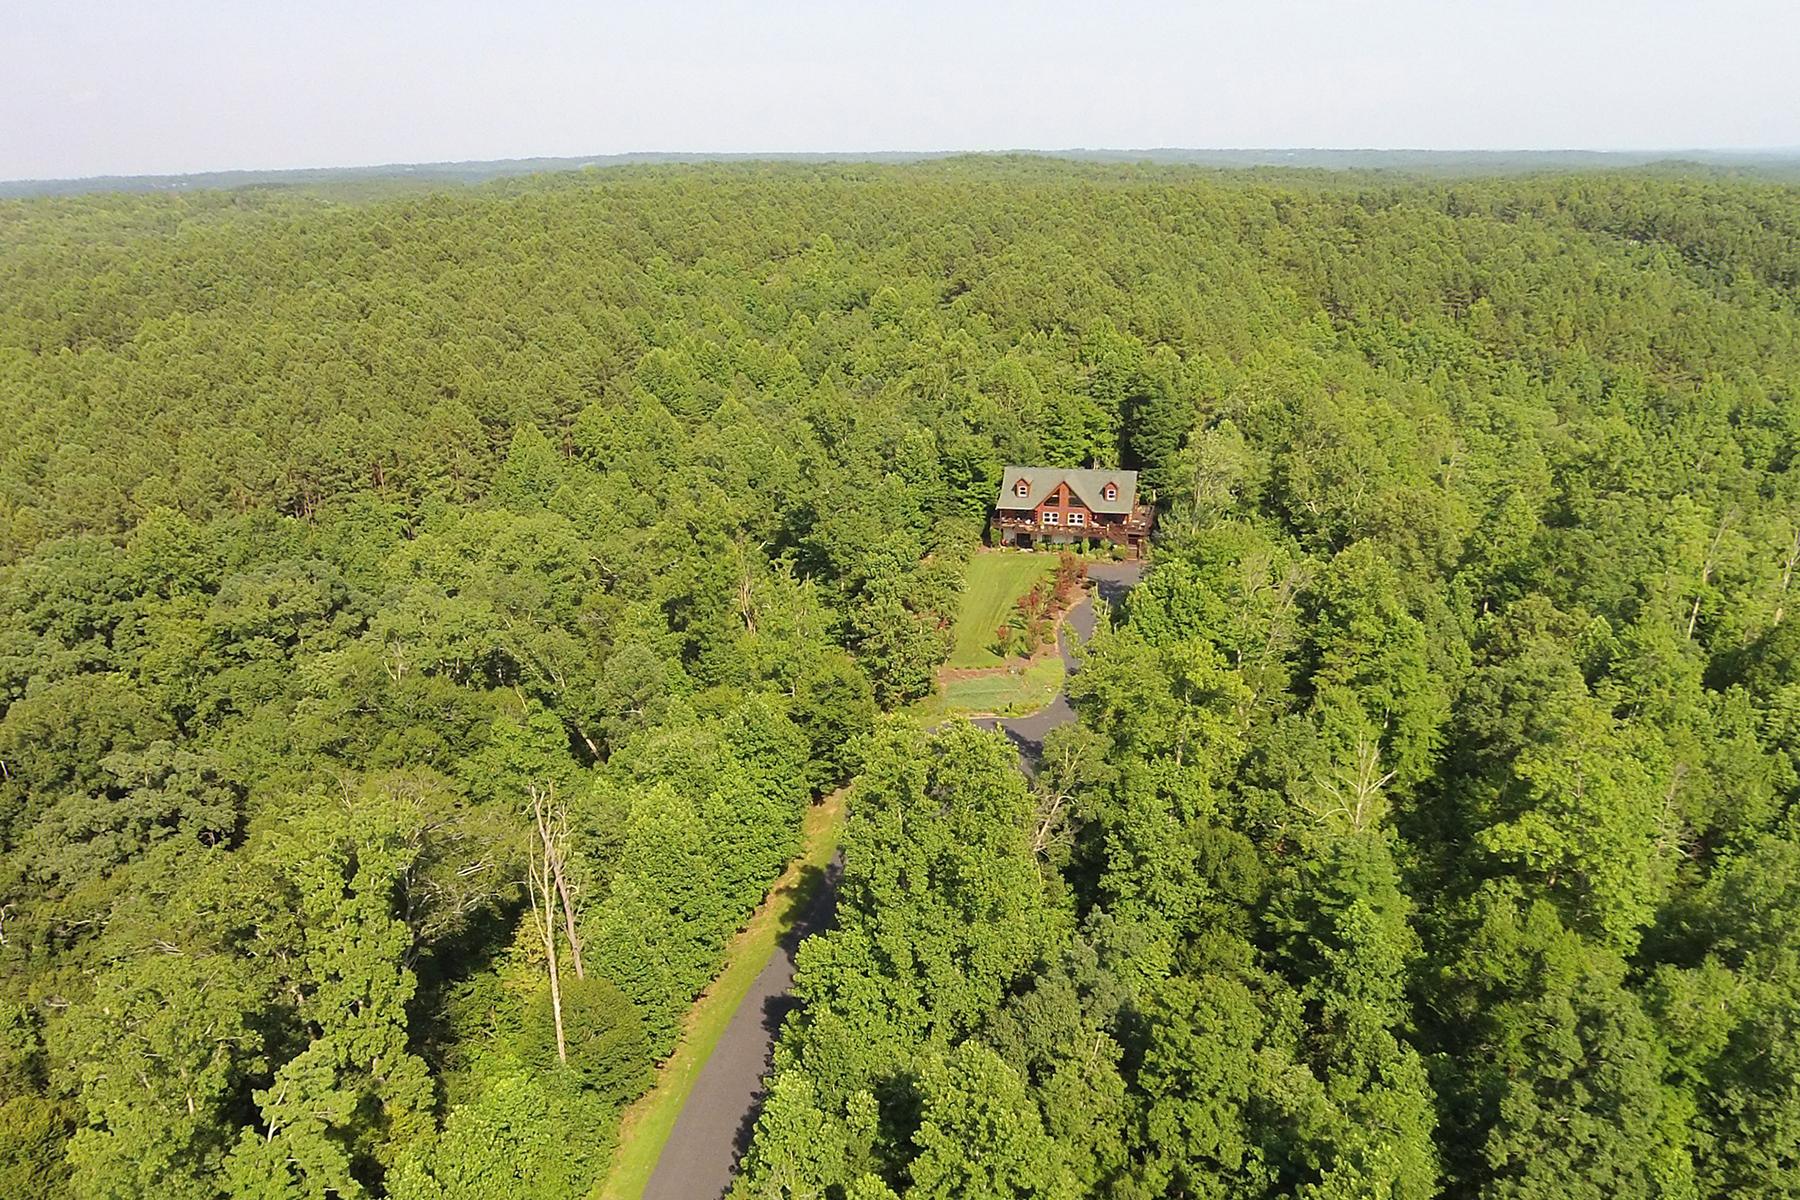 Maison unifamiliale pour l Vente à GREEN RIVER HIGHLANDS 1132 Cross Ridge Dr Rutherfordton, Carolina Du Nord, 28139 États-Unis